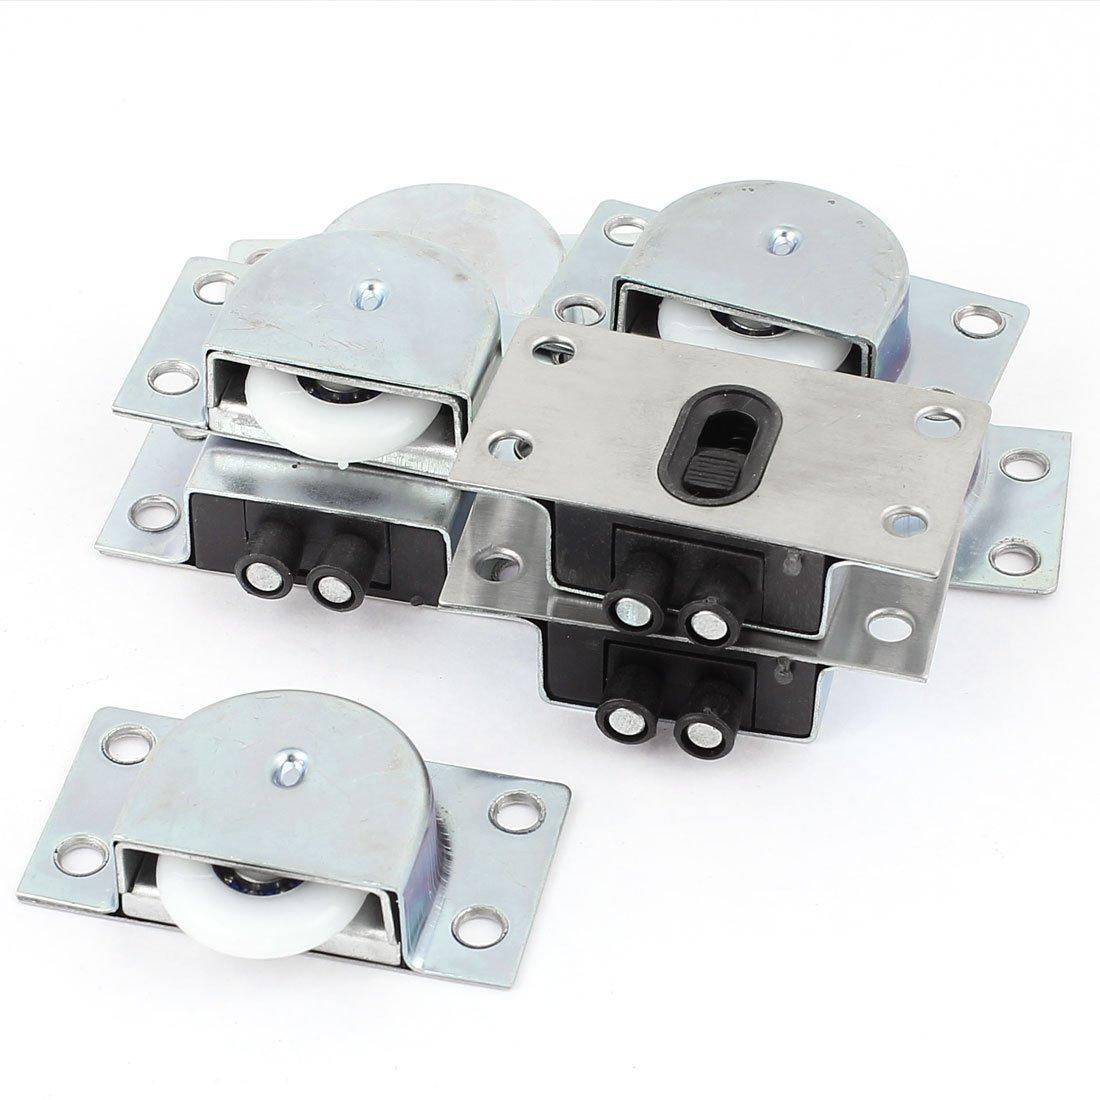 sourcingmap® Armario Gabinete Plástico Metal rueda corrediza puerta del Barraillo Set 4 pares a15072400ux1176